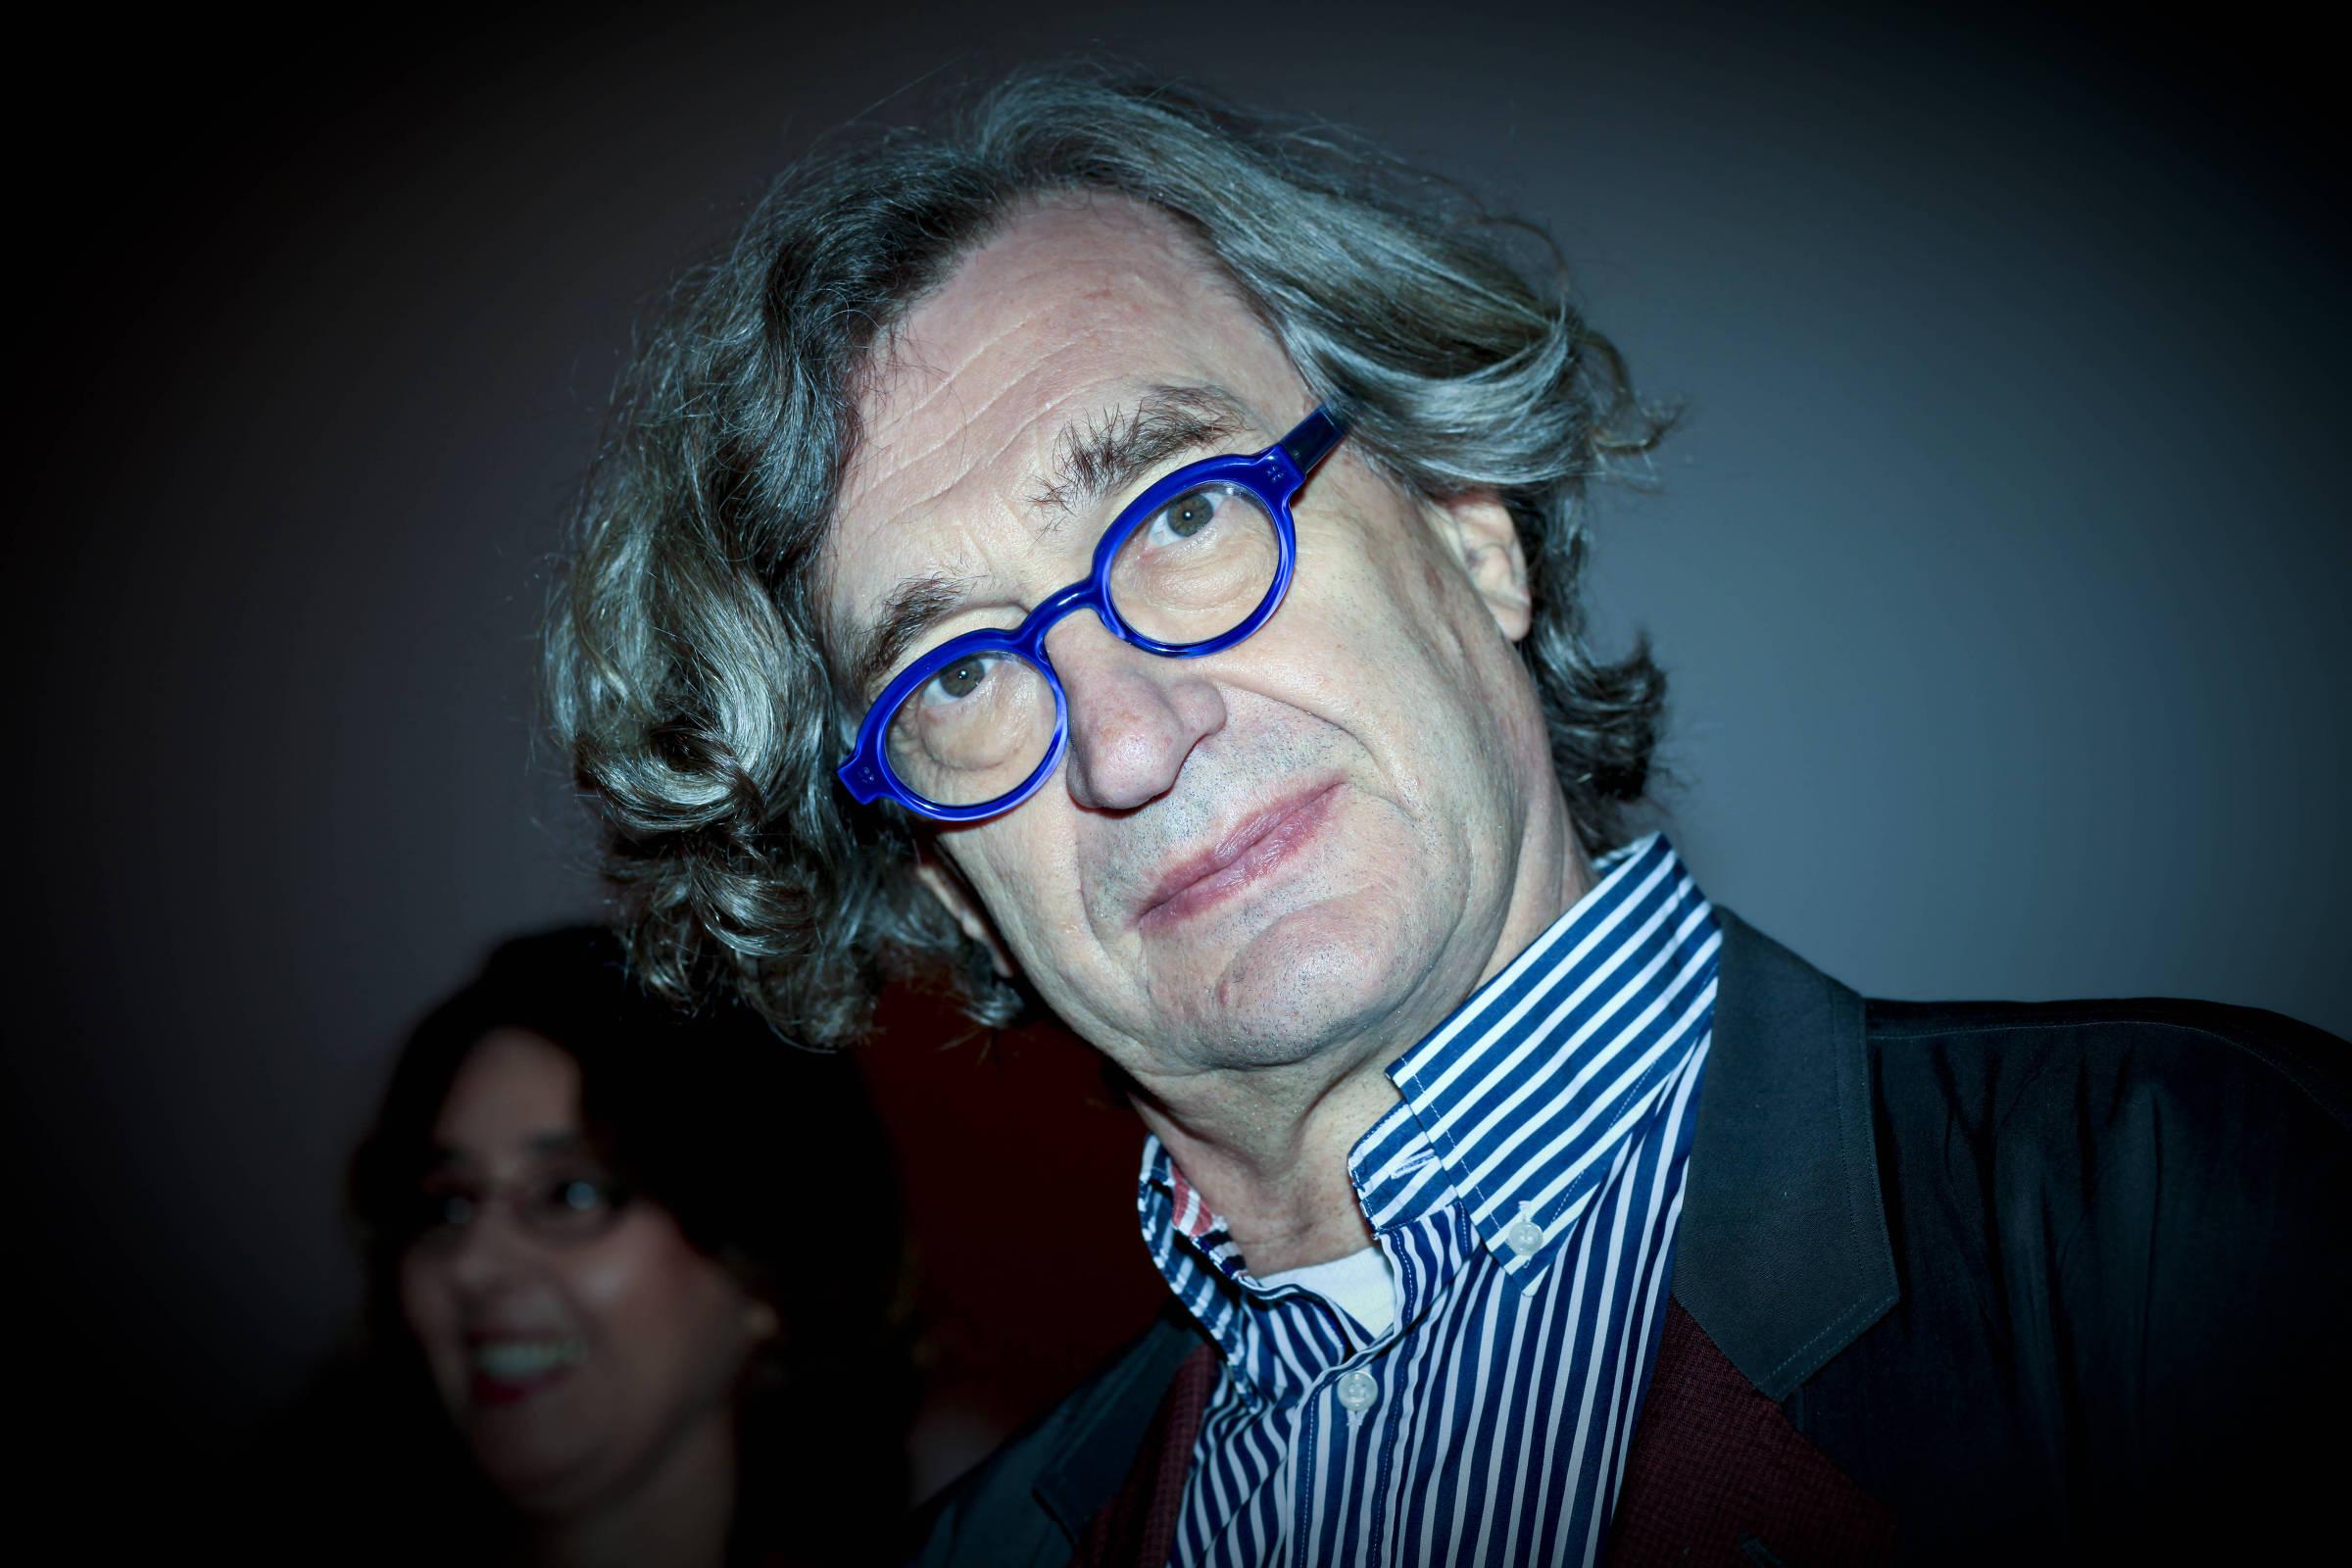 Três obras para conhecer melhor Wim Wenders